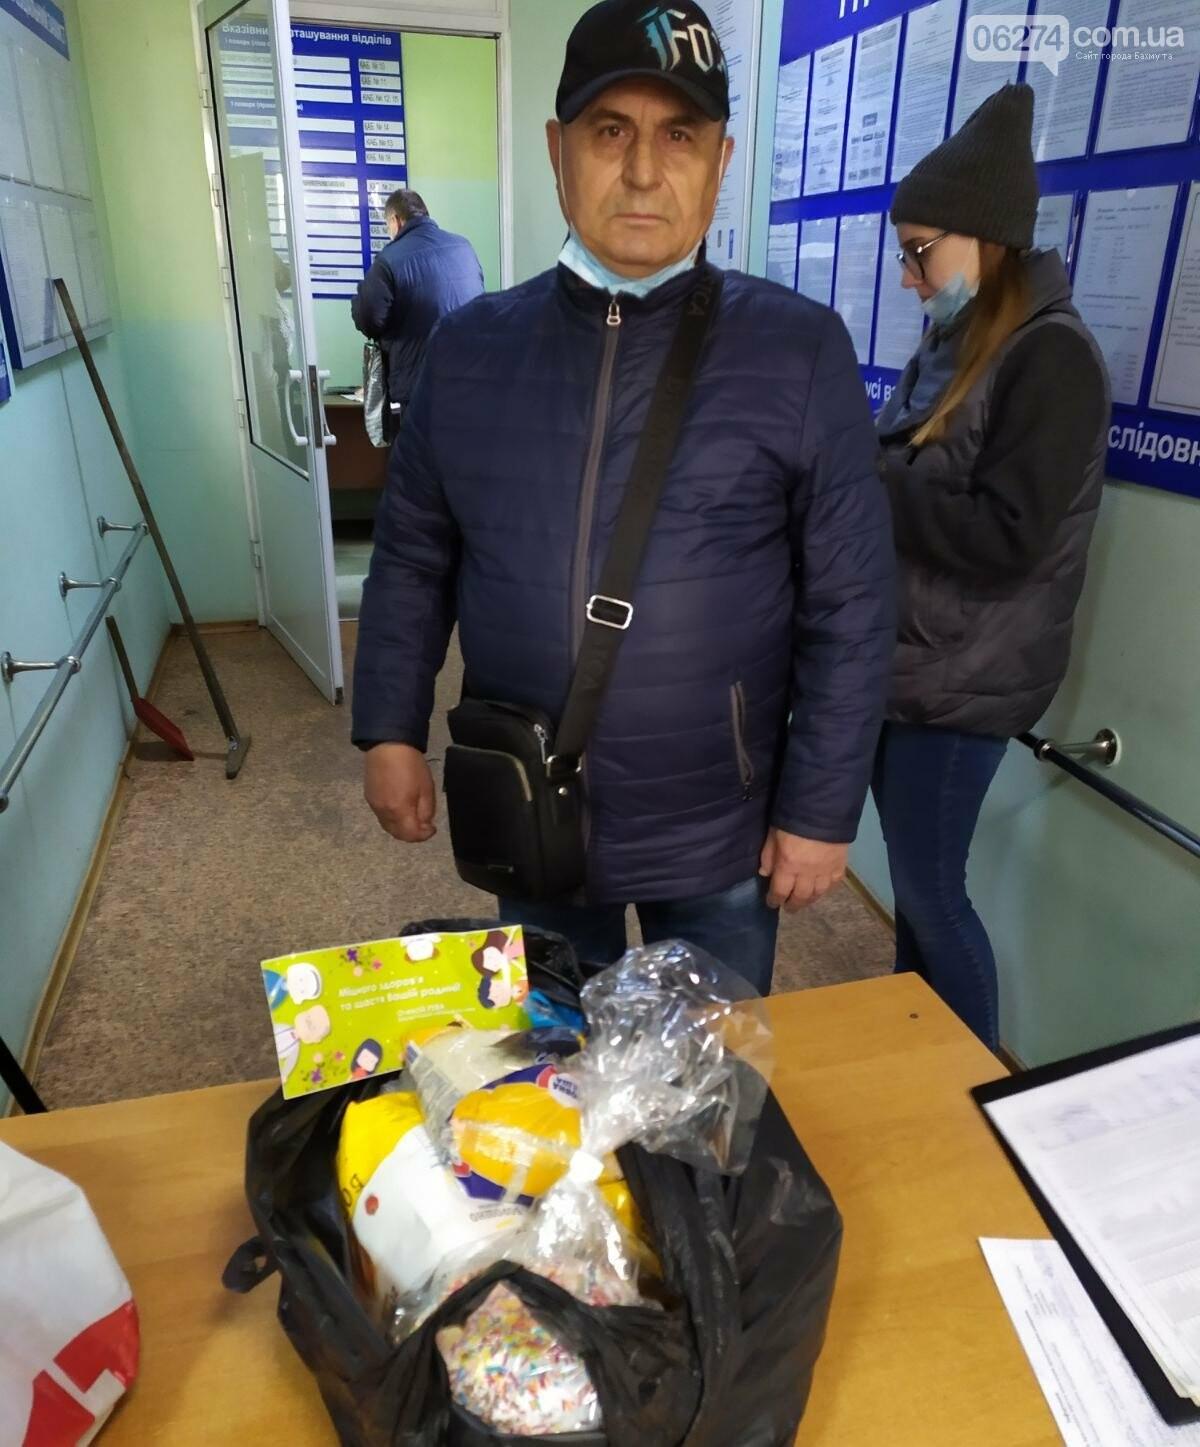 Мэр Бахмута вручил продуктовые наборы социально незащищенным гражданам, фото-5